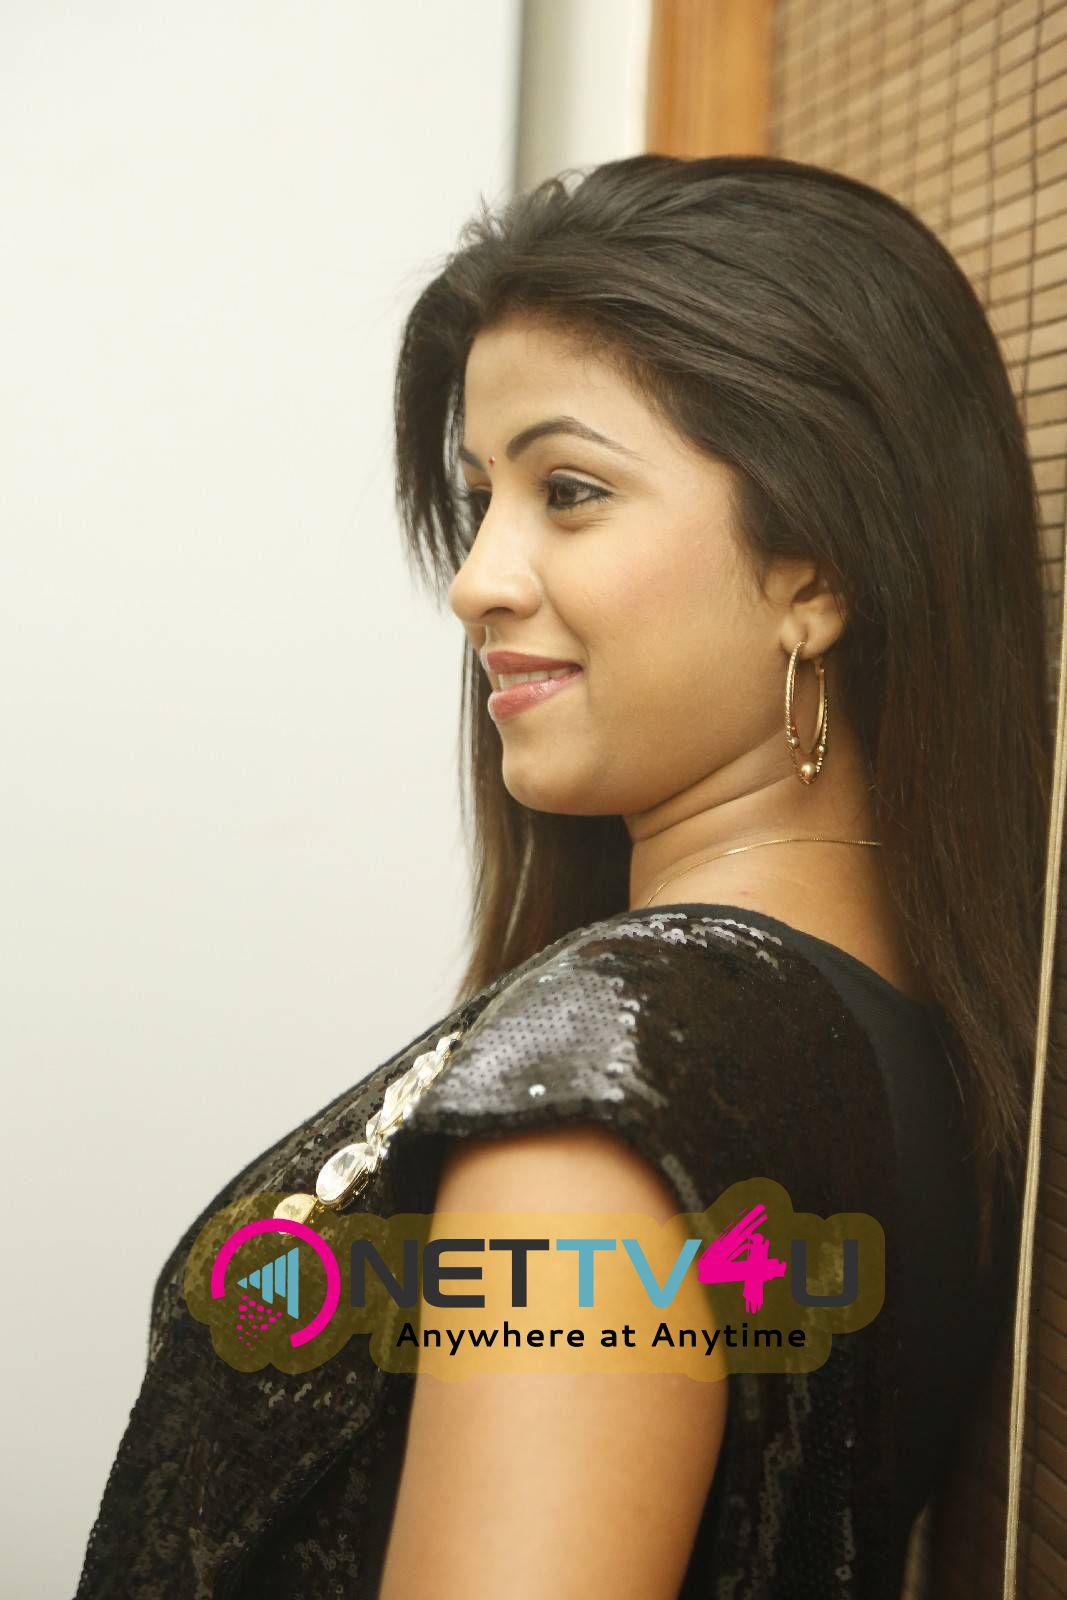 actress gethanjali at chinema choopistha maava audio lauch photos 1